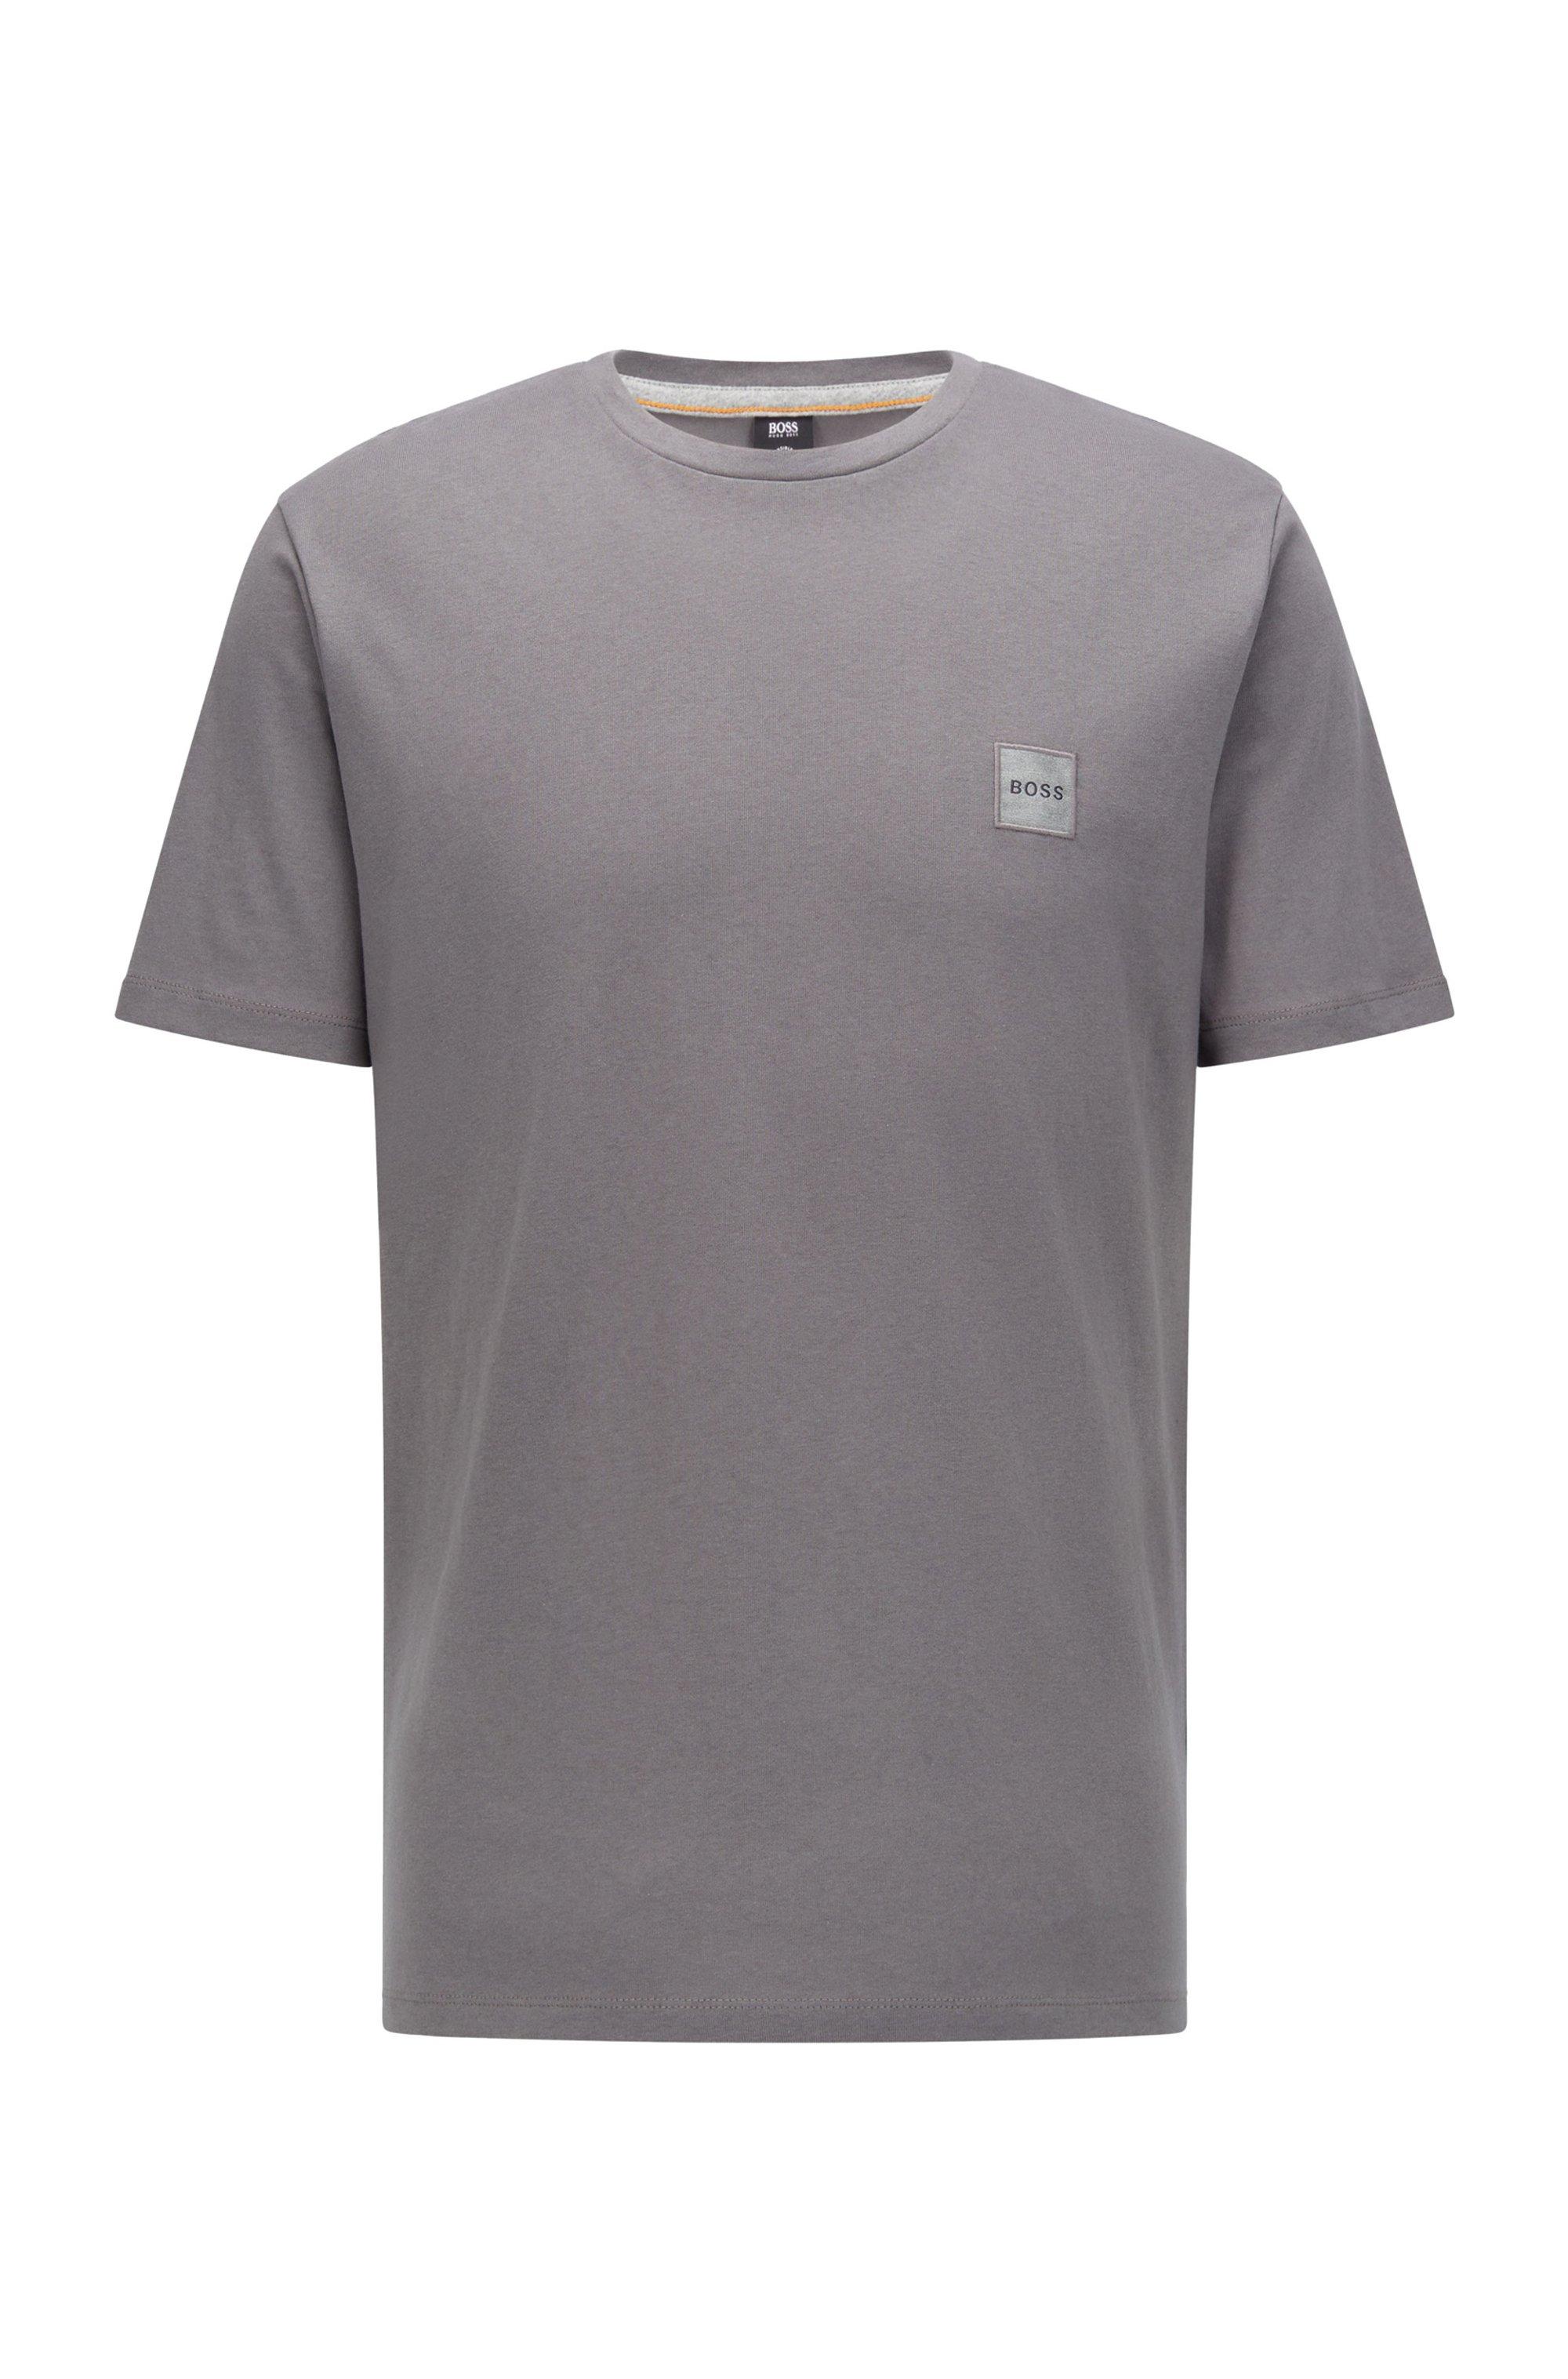 T-shirt met ronde hals van biologische katoen met logopatch, Donkergrijs